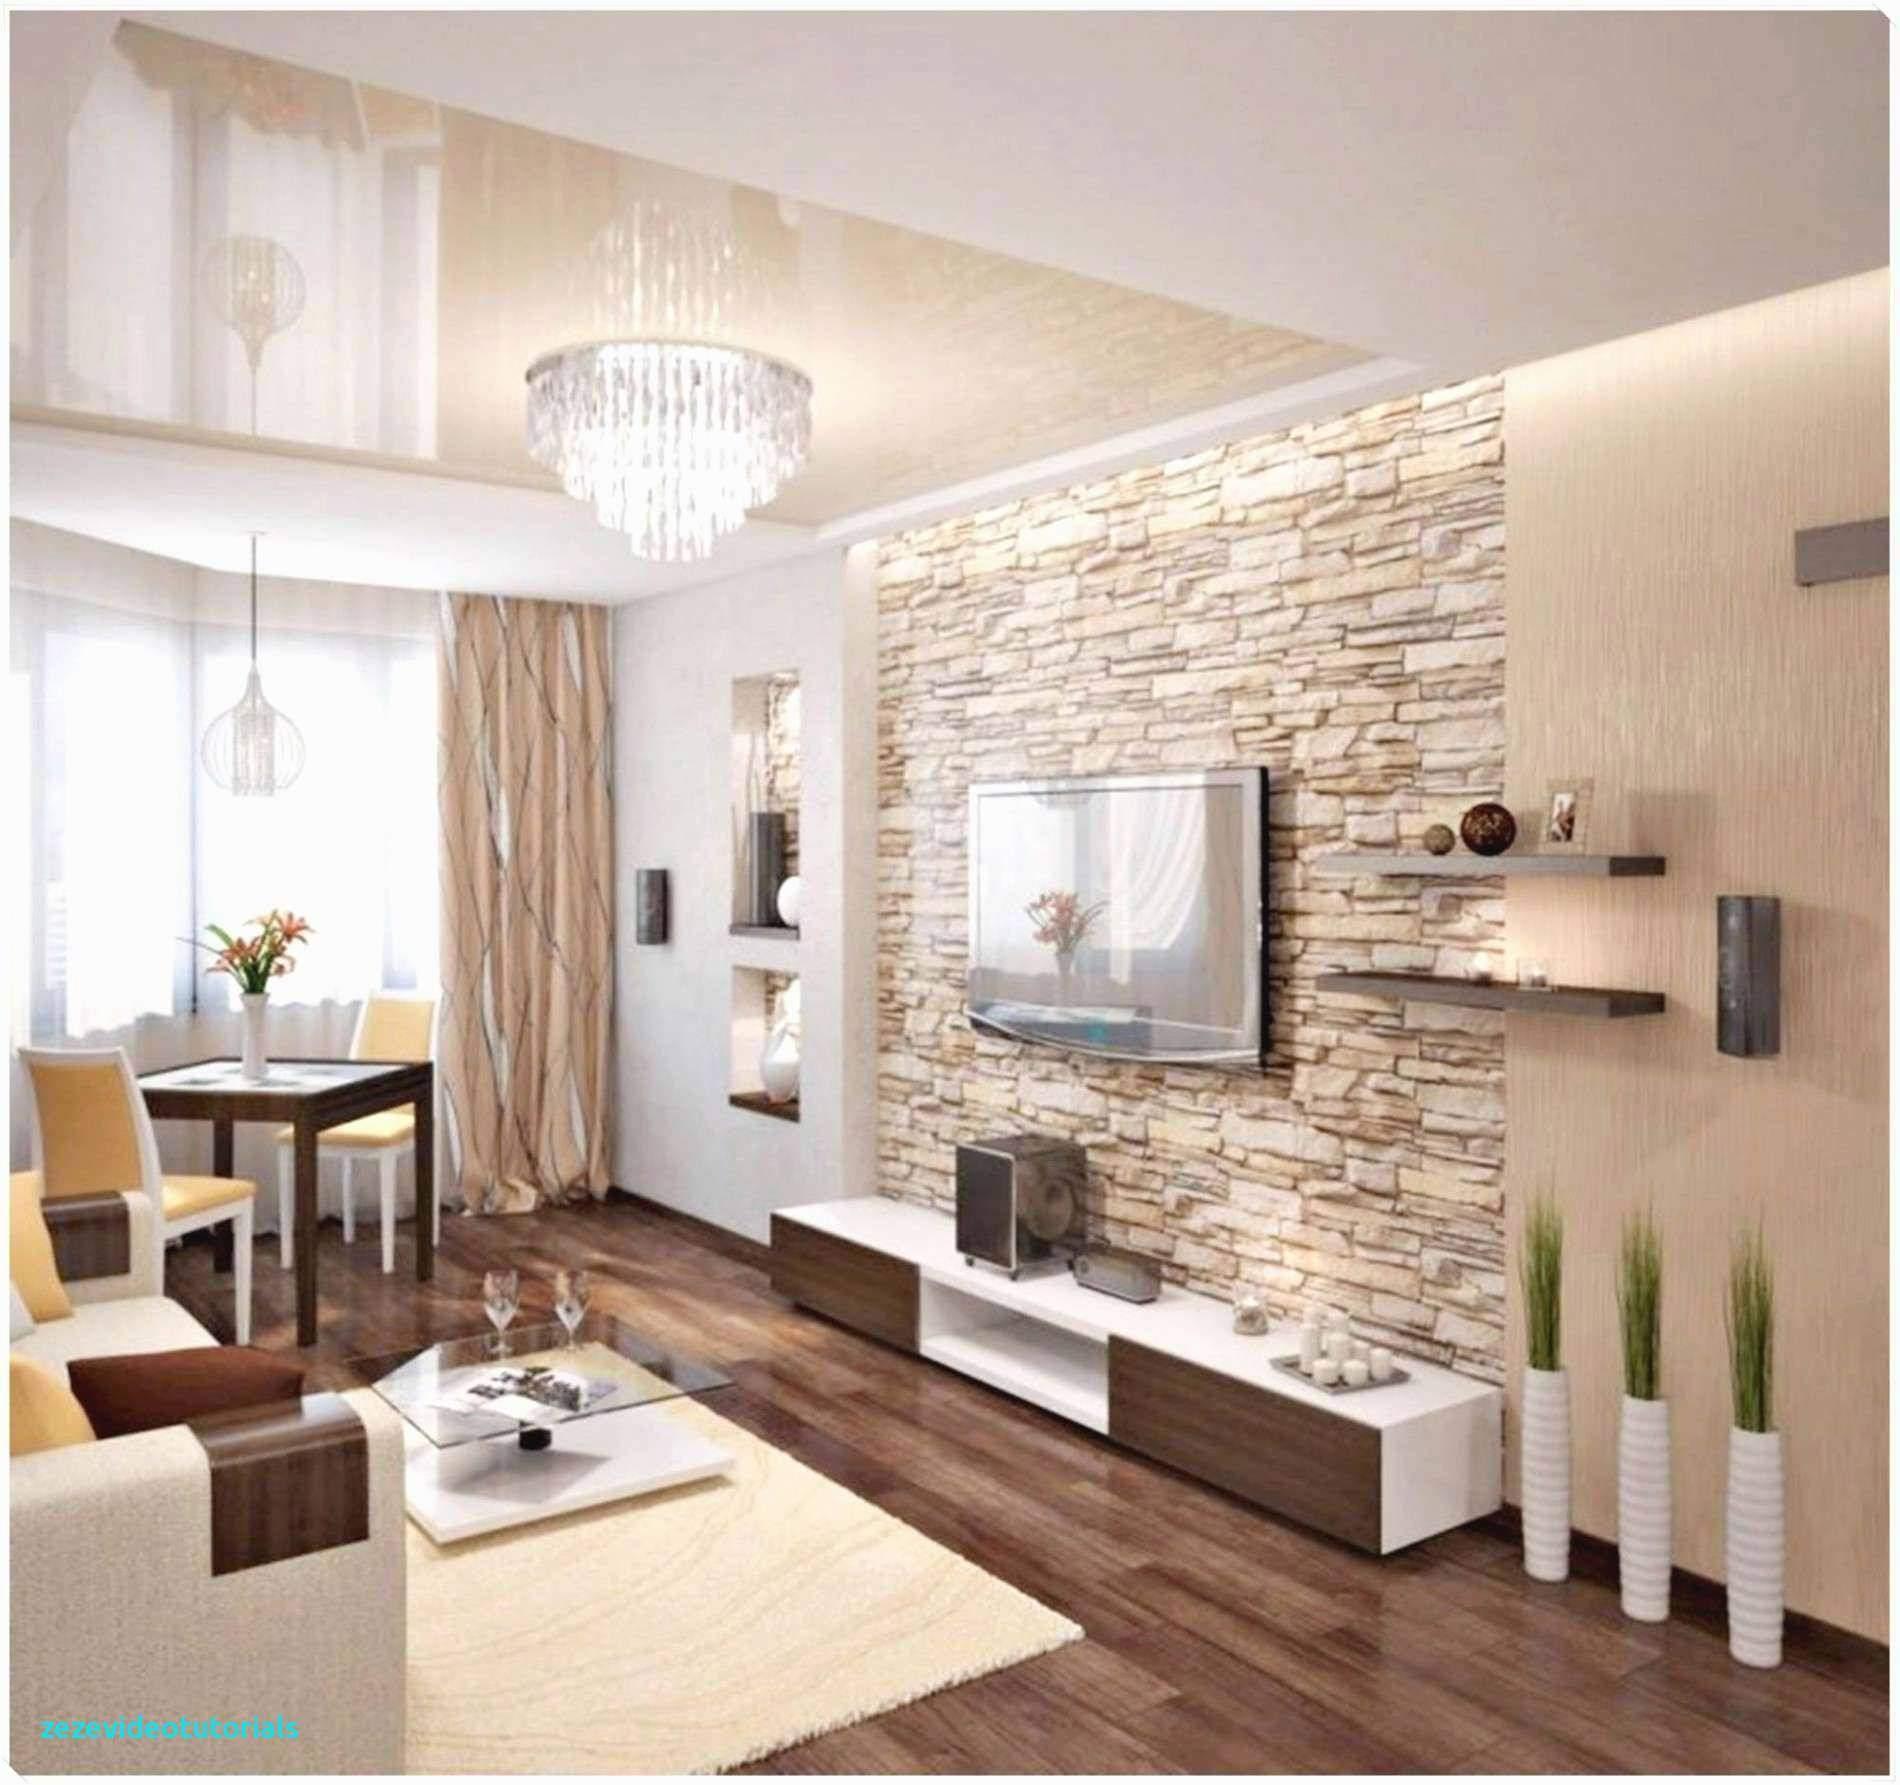 wohnzimmer deko online shop schon super wohnzimmer dekoration line shop ideen of wohnzimmer deko online shop